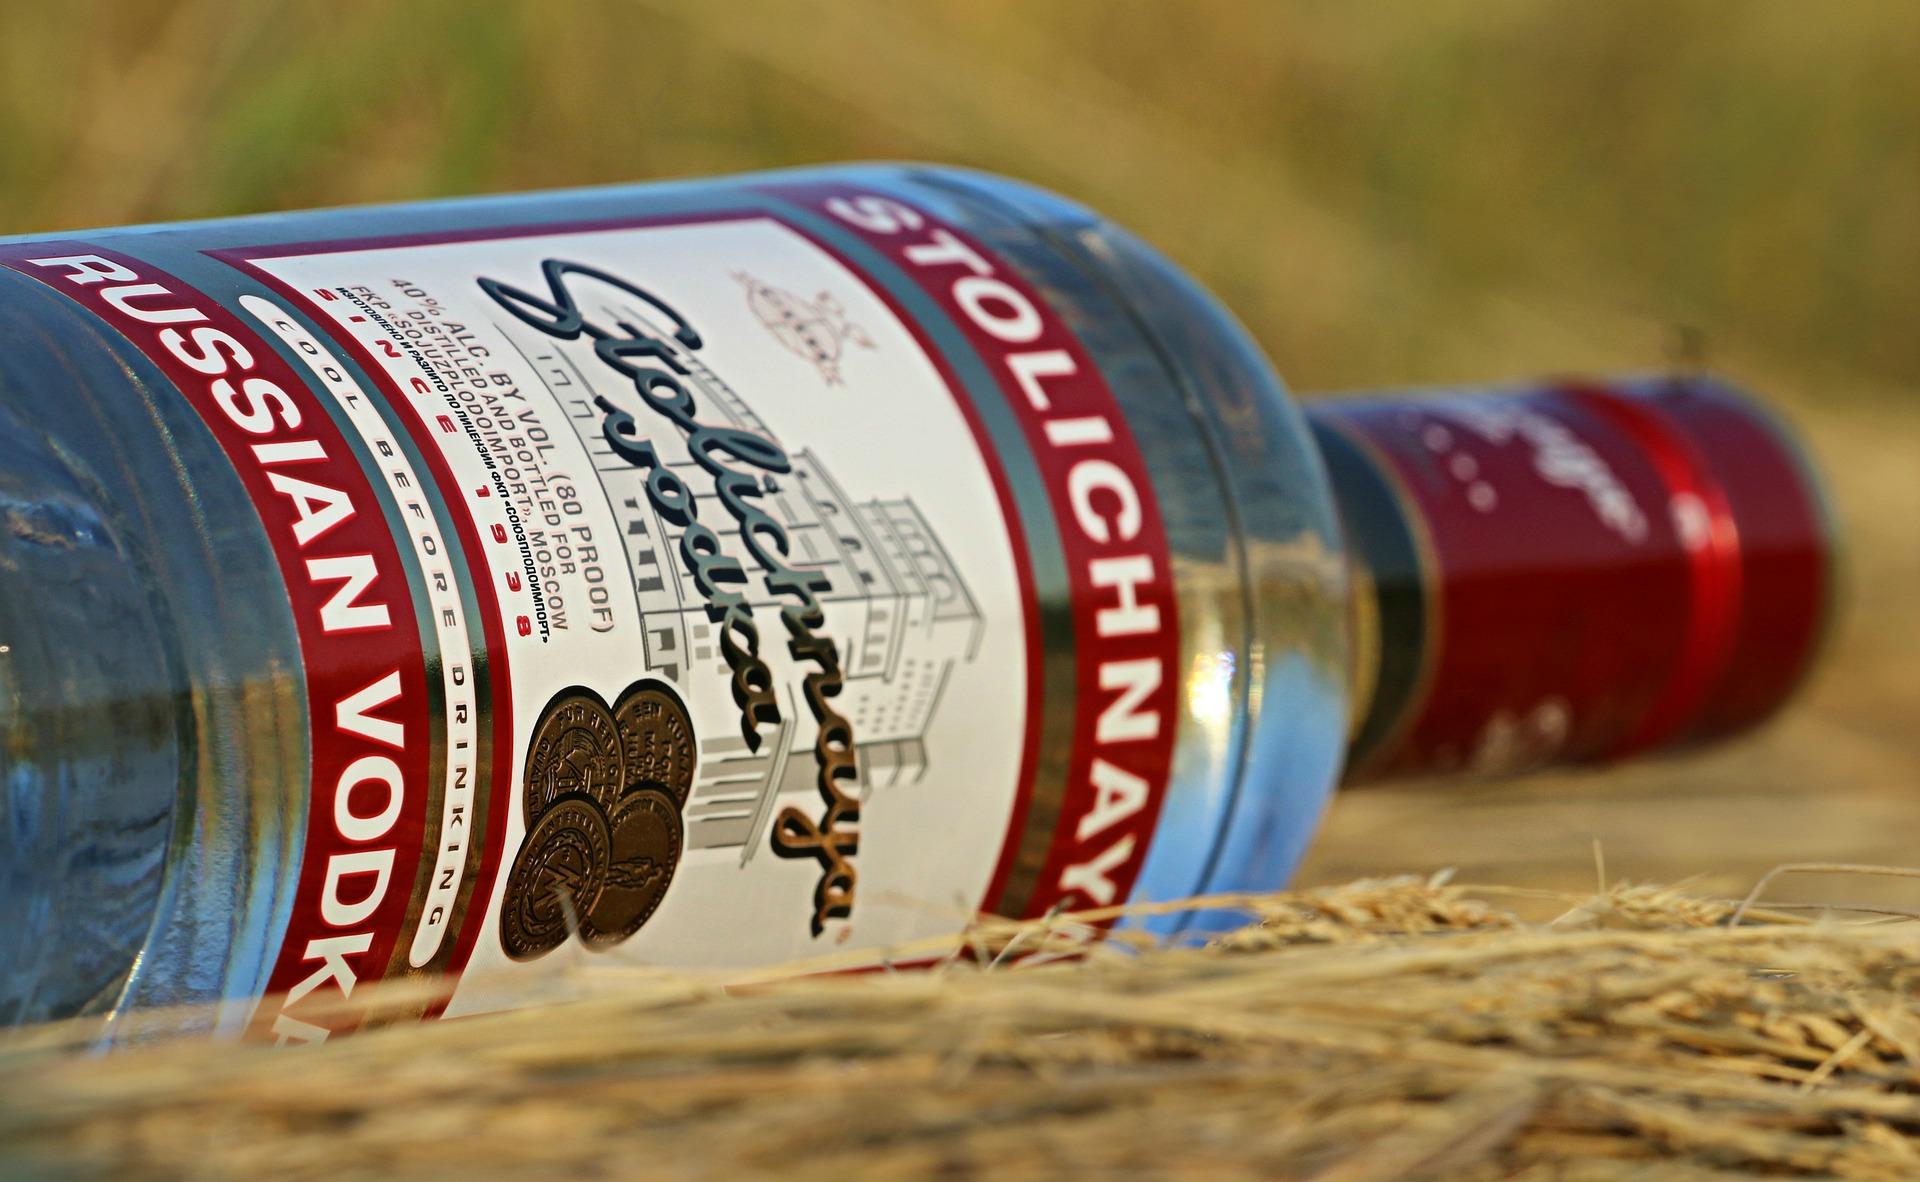 Janvier sans alcool - 5 informations intéressantes sur l'alcool